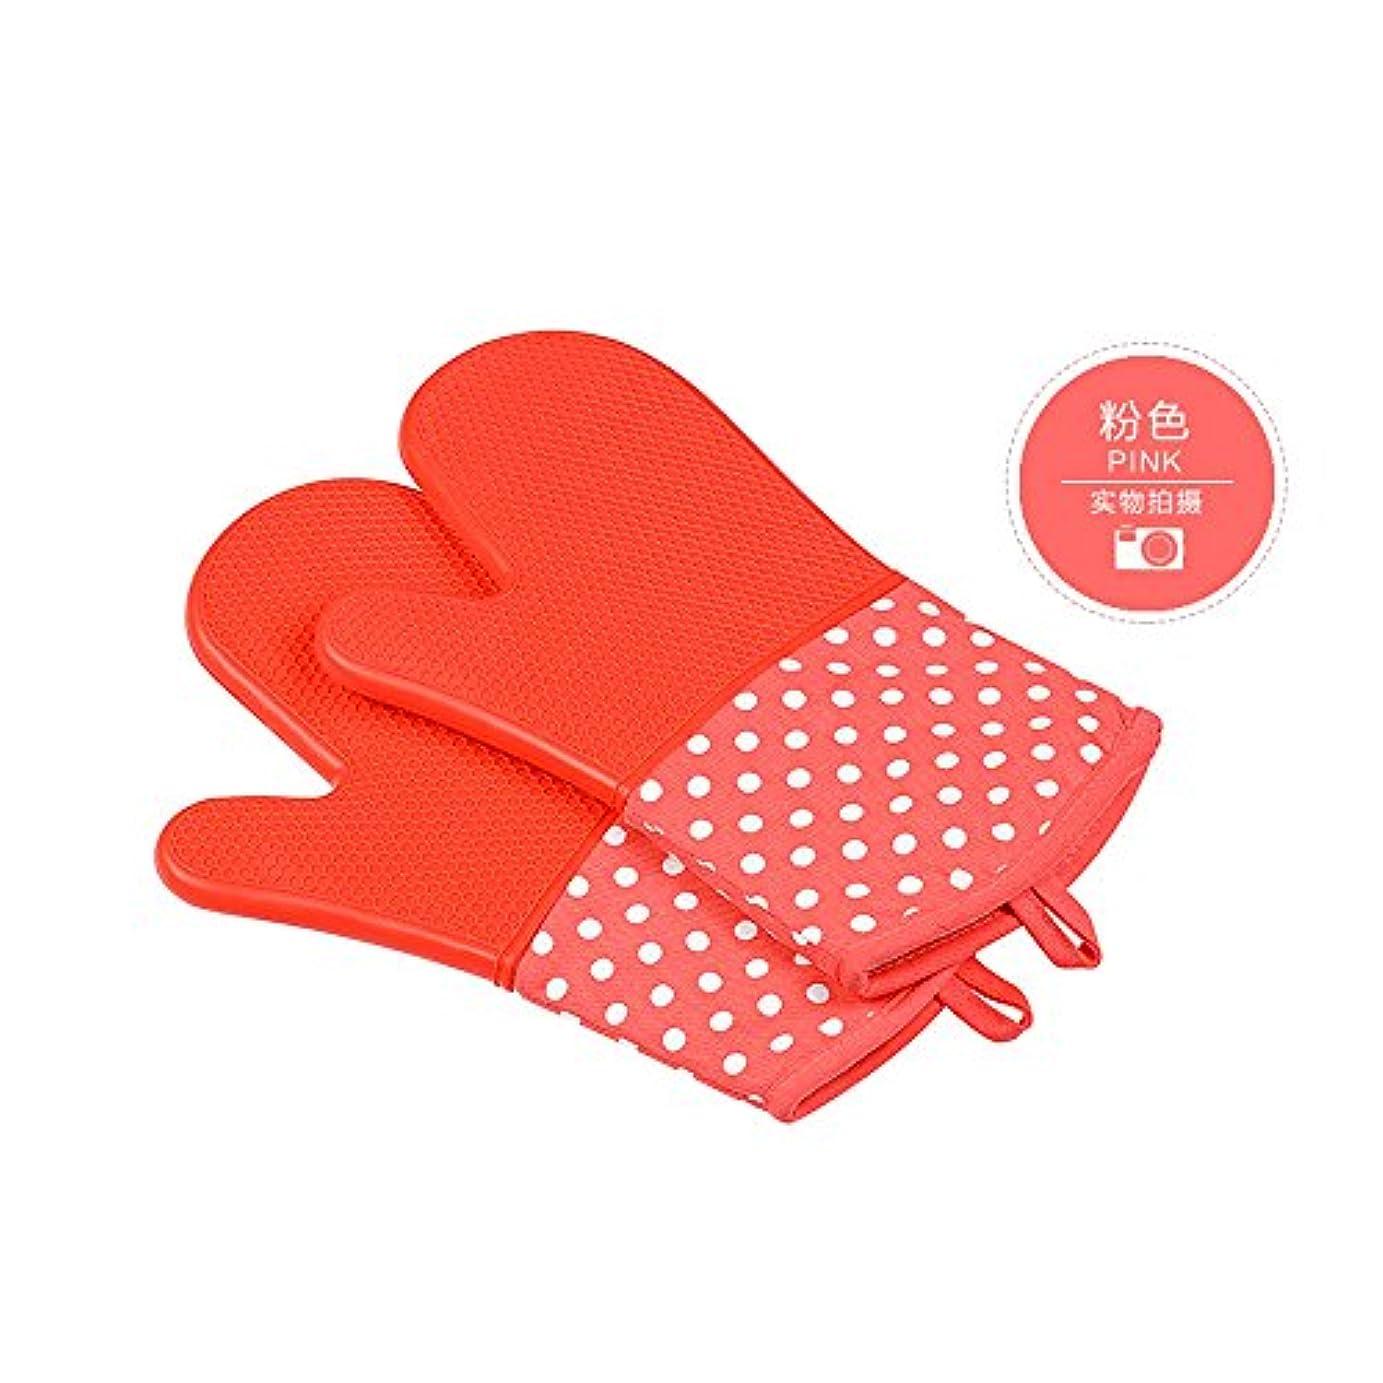 発火するかび臭いチャンピオンJOOP【2個セット】【シリコンベーキング手袋】【バーベキュー手袋】【キッチン電子レンジの手袋】【オーブン断熱手袋】【300の加熱温度極値】【7色】 (ピンク)